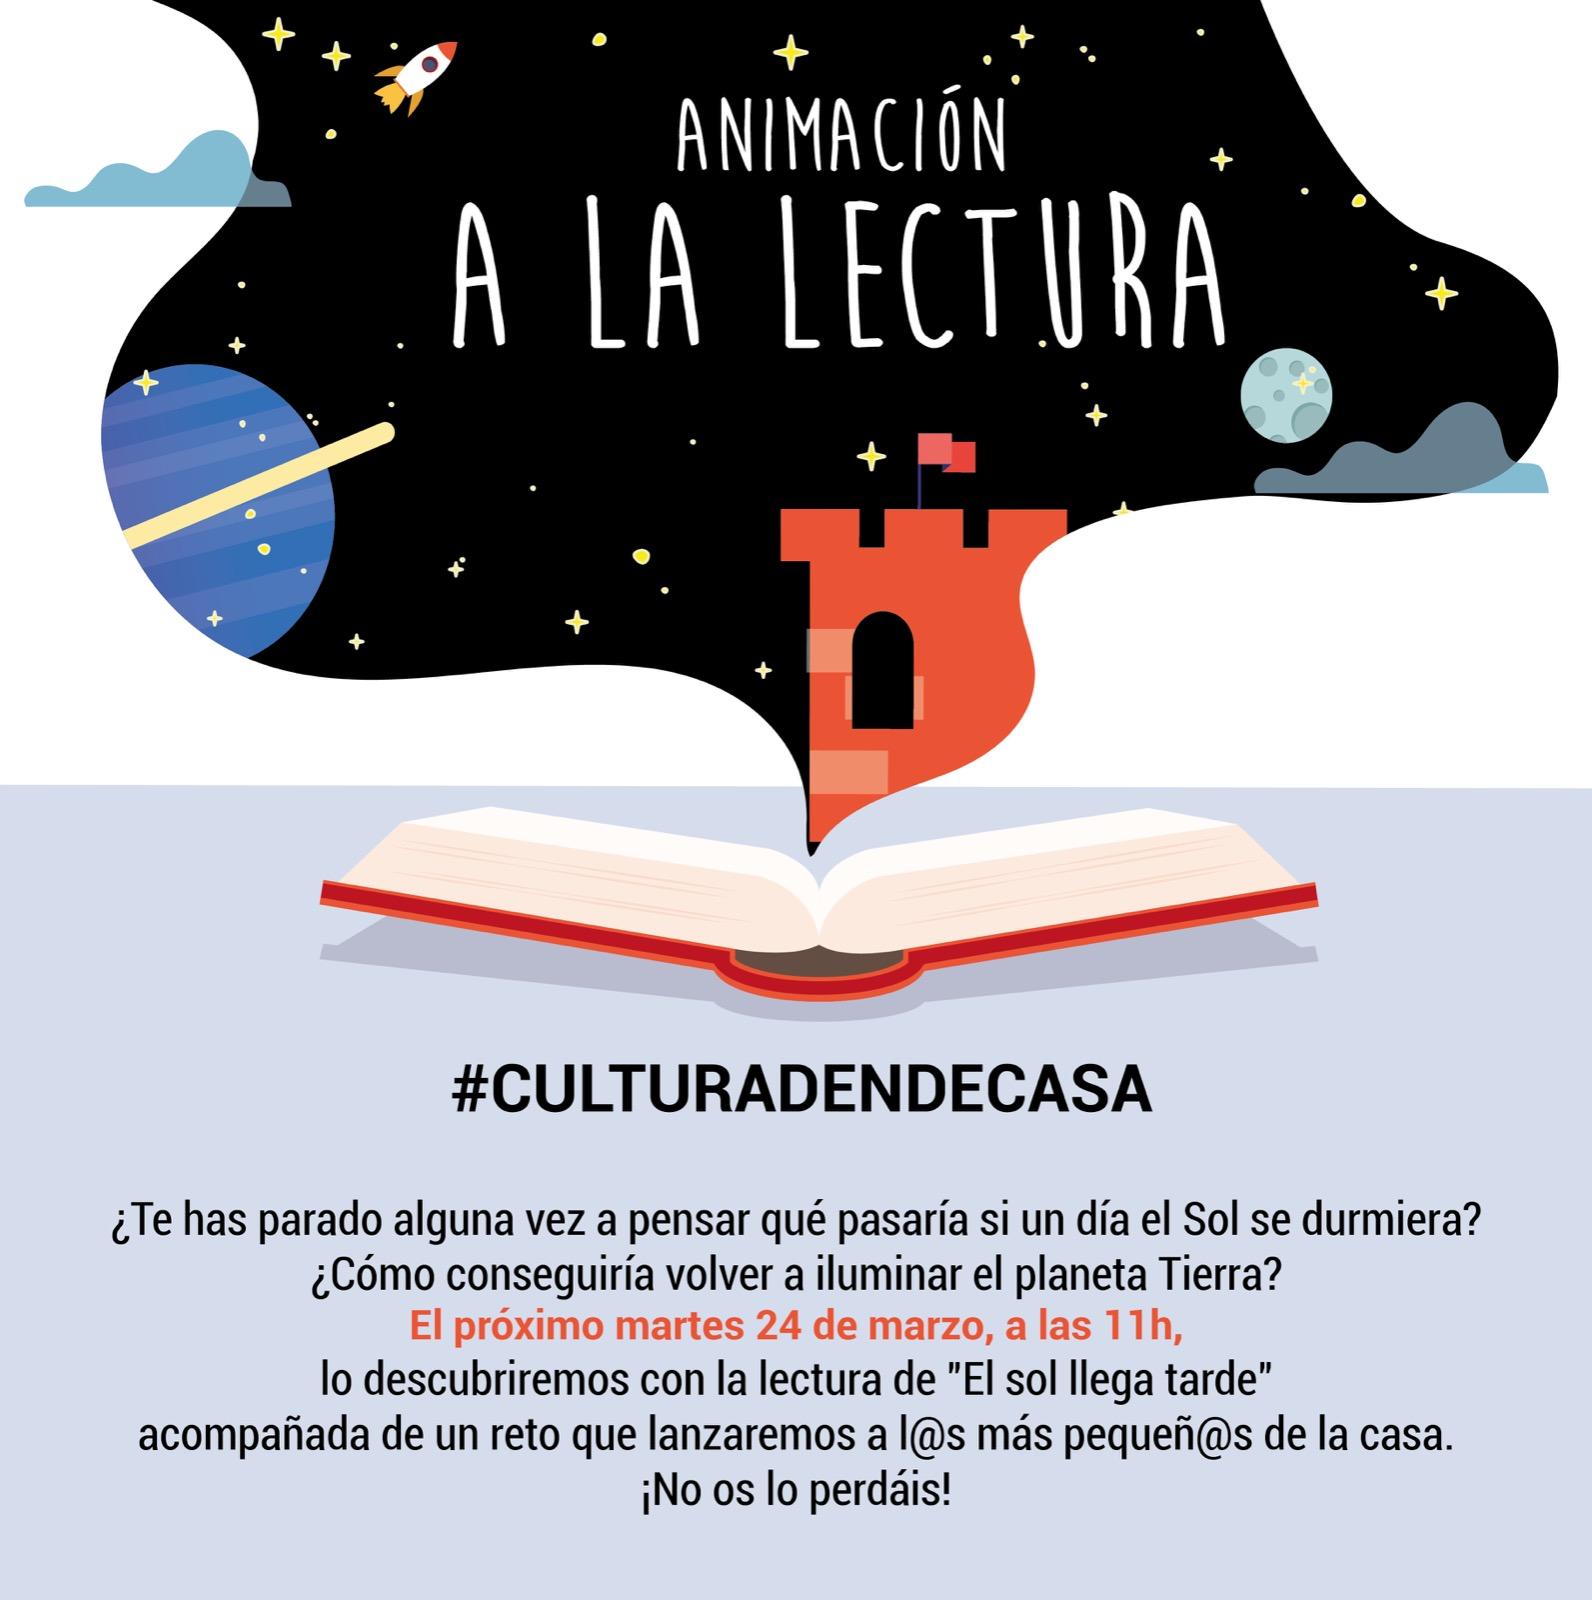 Animacion A La Lectura Culturadendecasa El Sol Llega Tarde